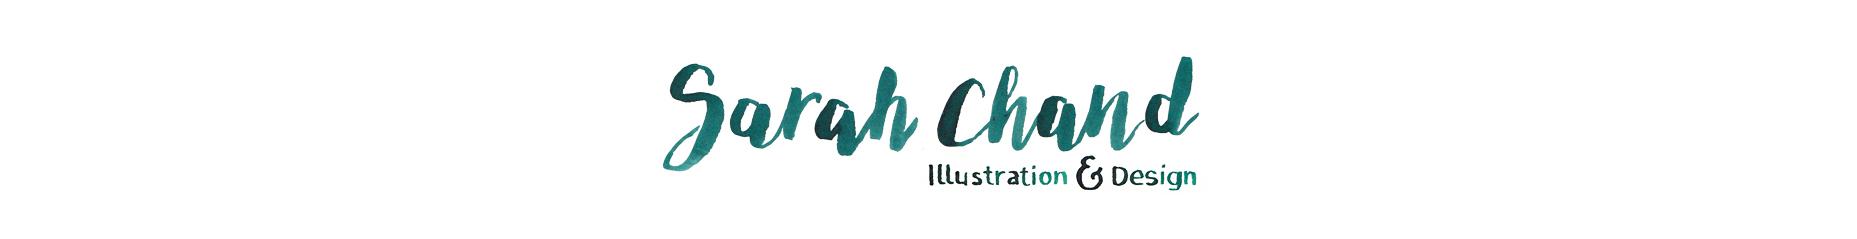 Sarah Chand Logo